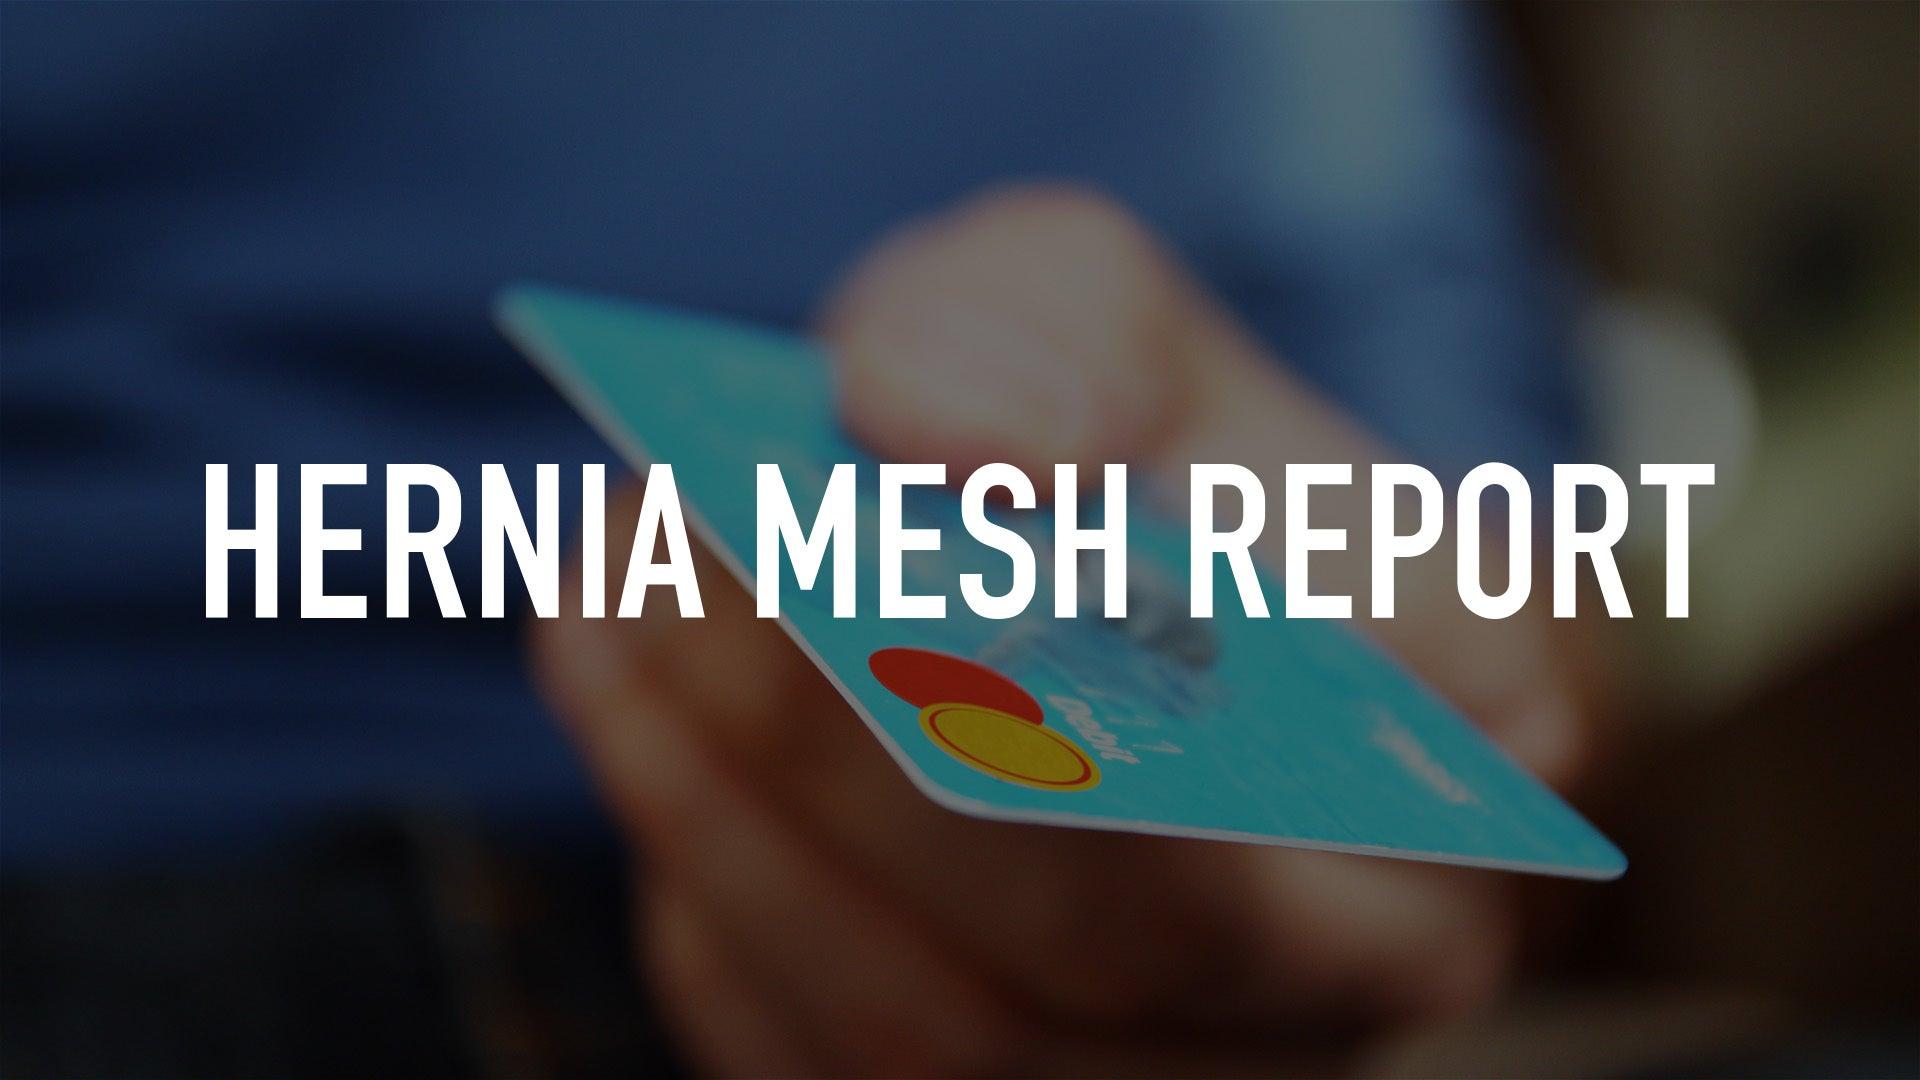 Hernia Mesh Report